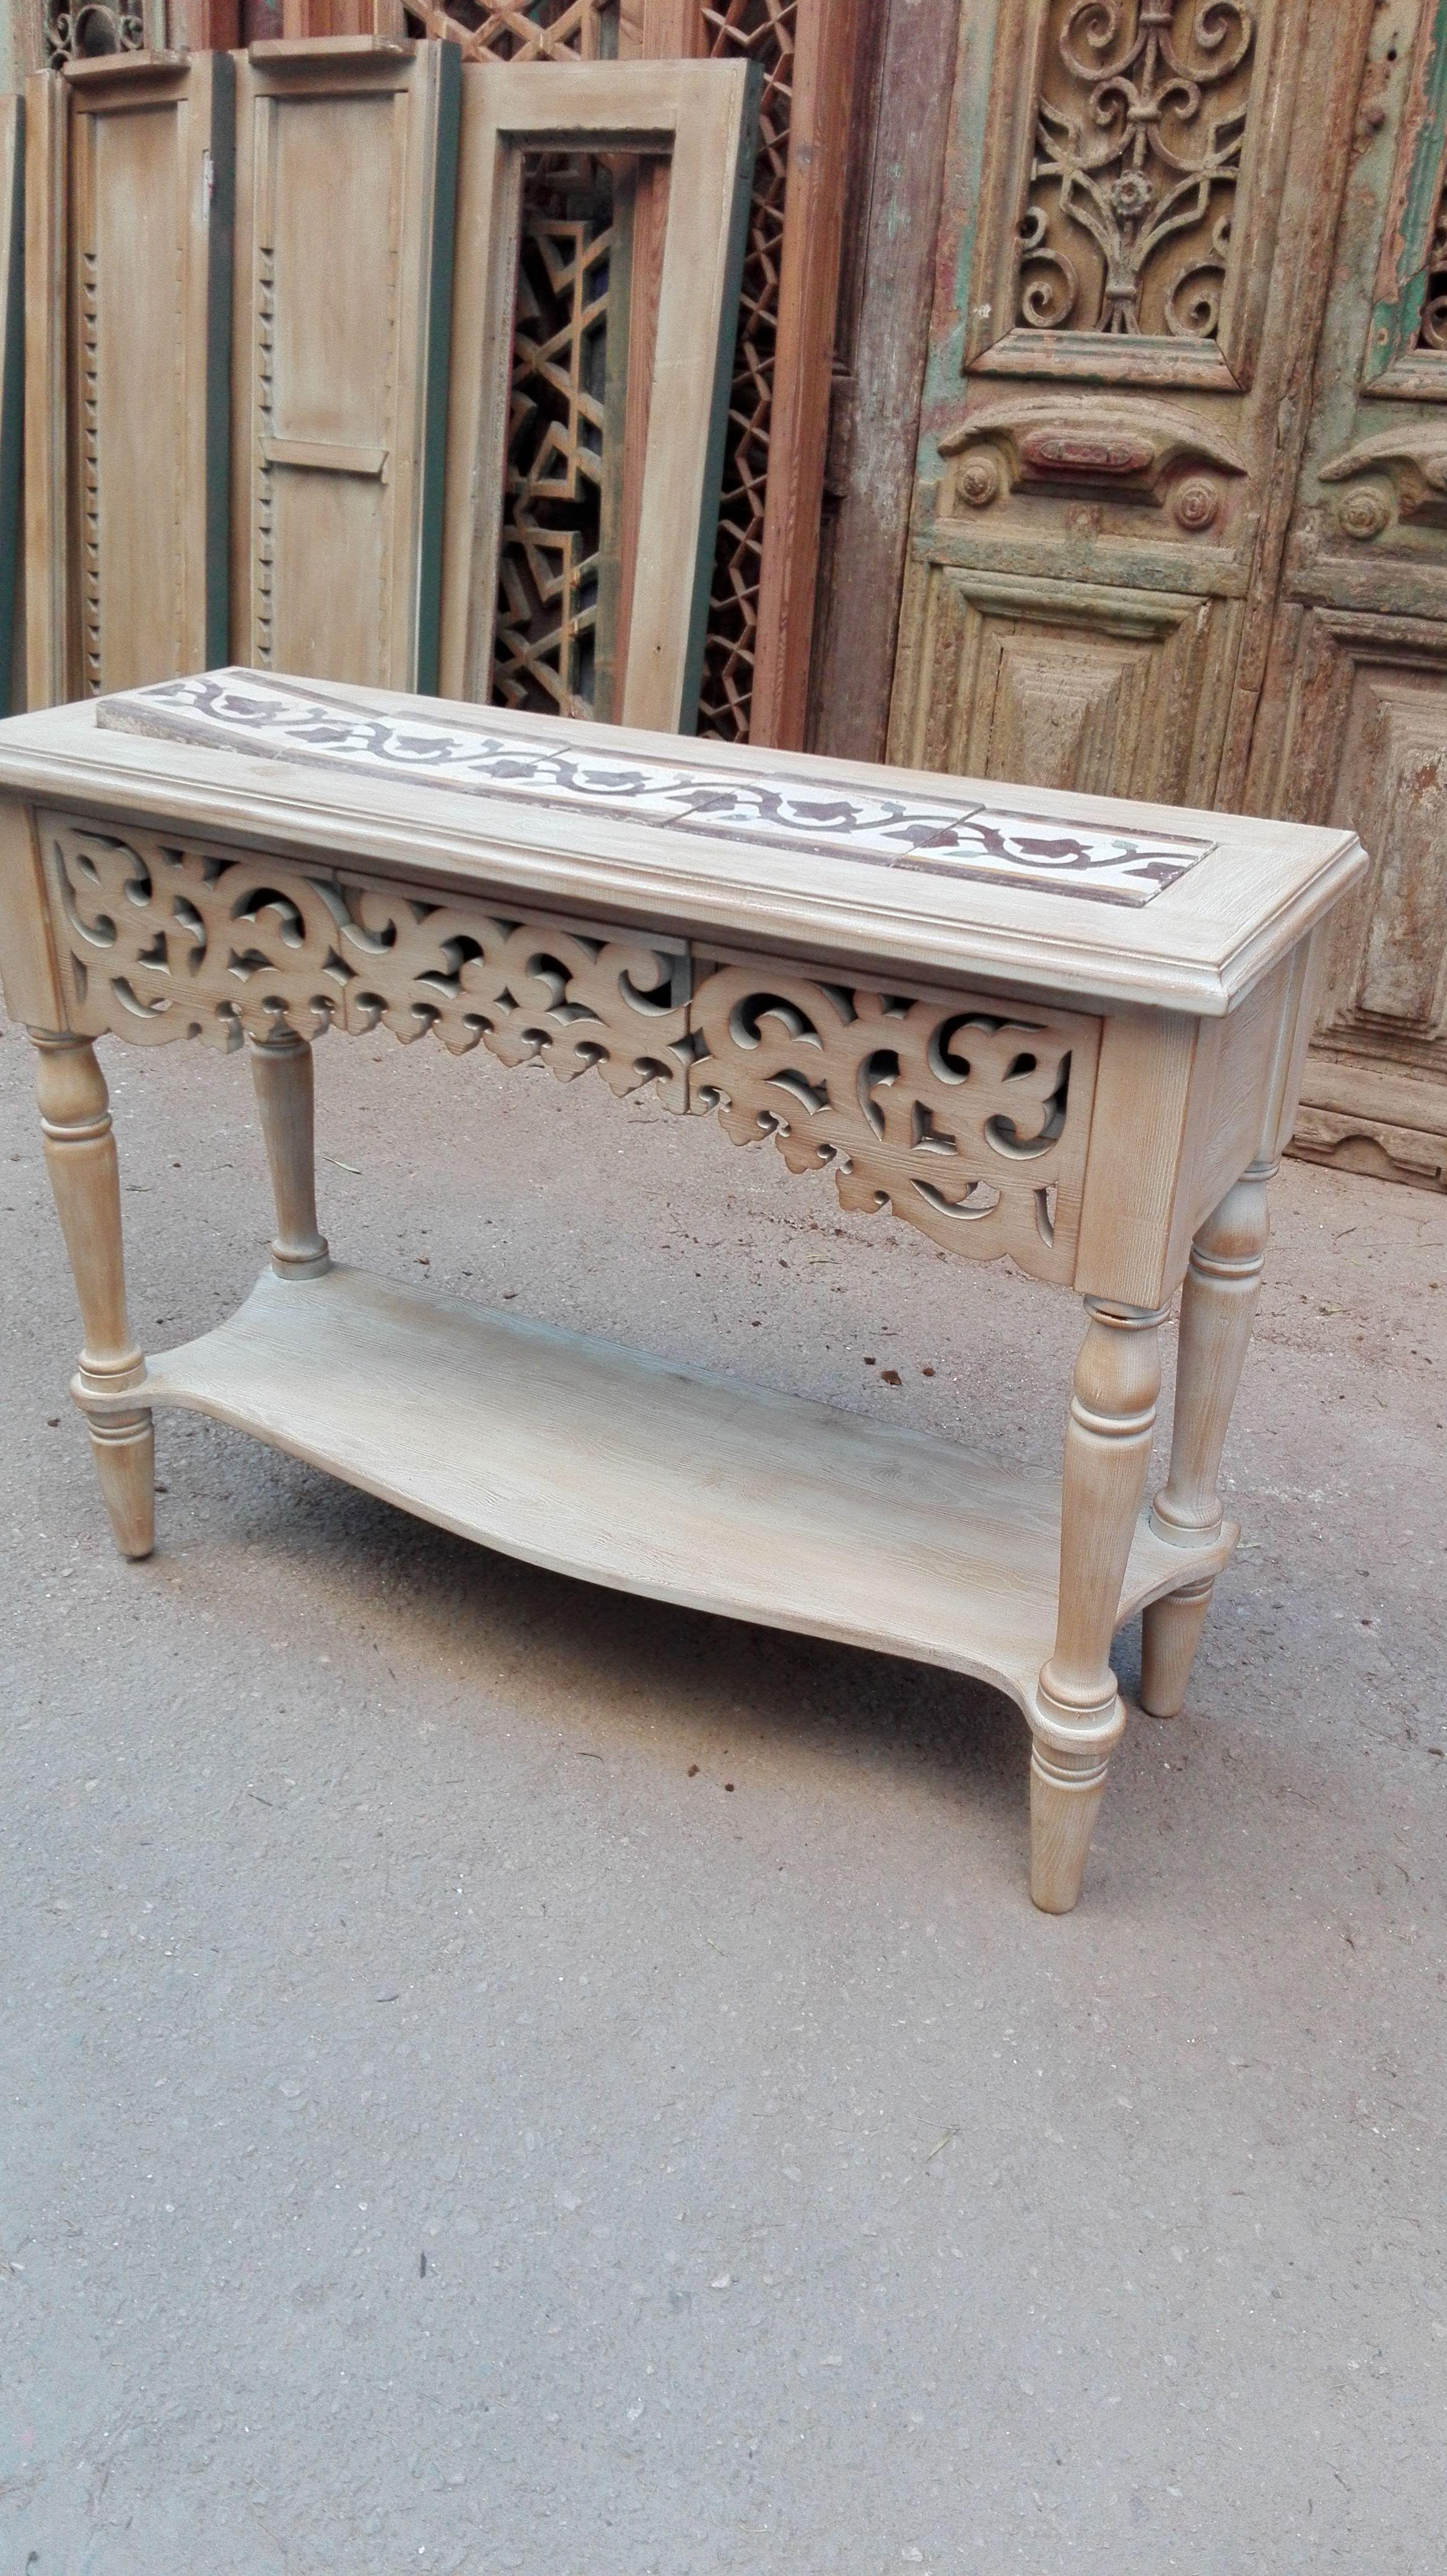 كونسول باستخدام موتيفة مشربية وبلاط اسمنتى قديم ملون Console Using Mashrabiya Motif And Old Colored Cement Tiles Decor Coffee Table Entryway Tables